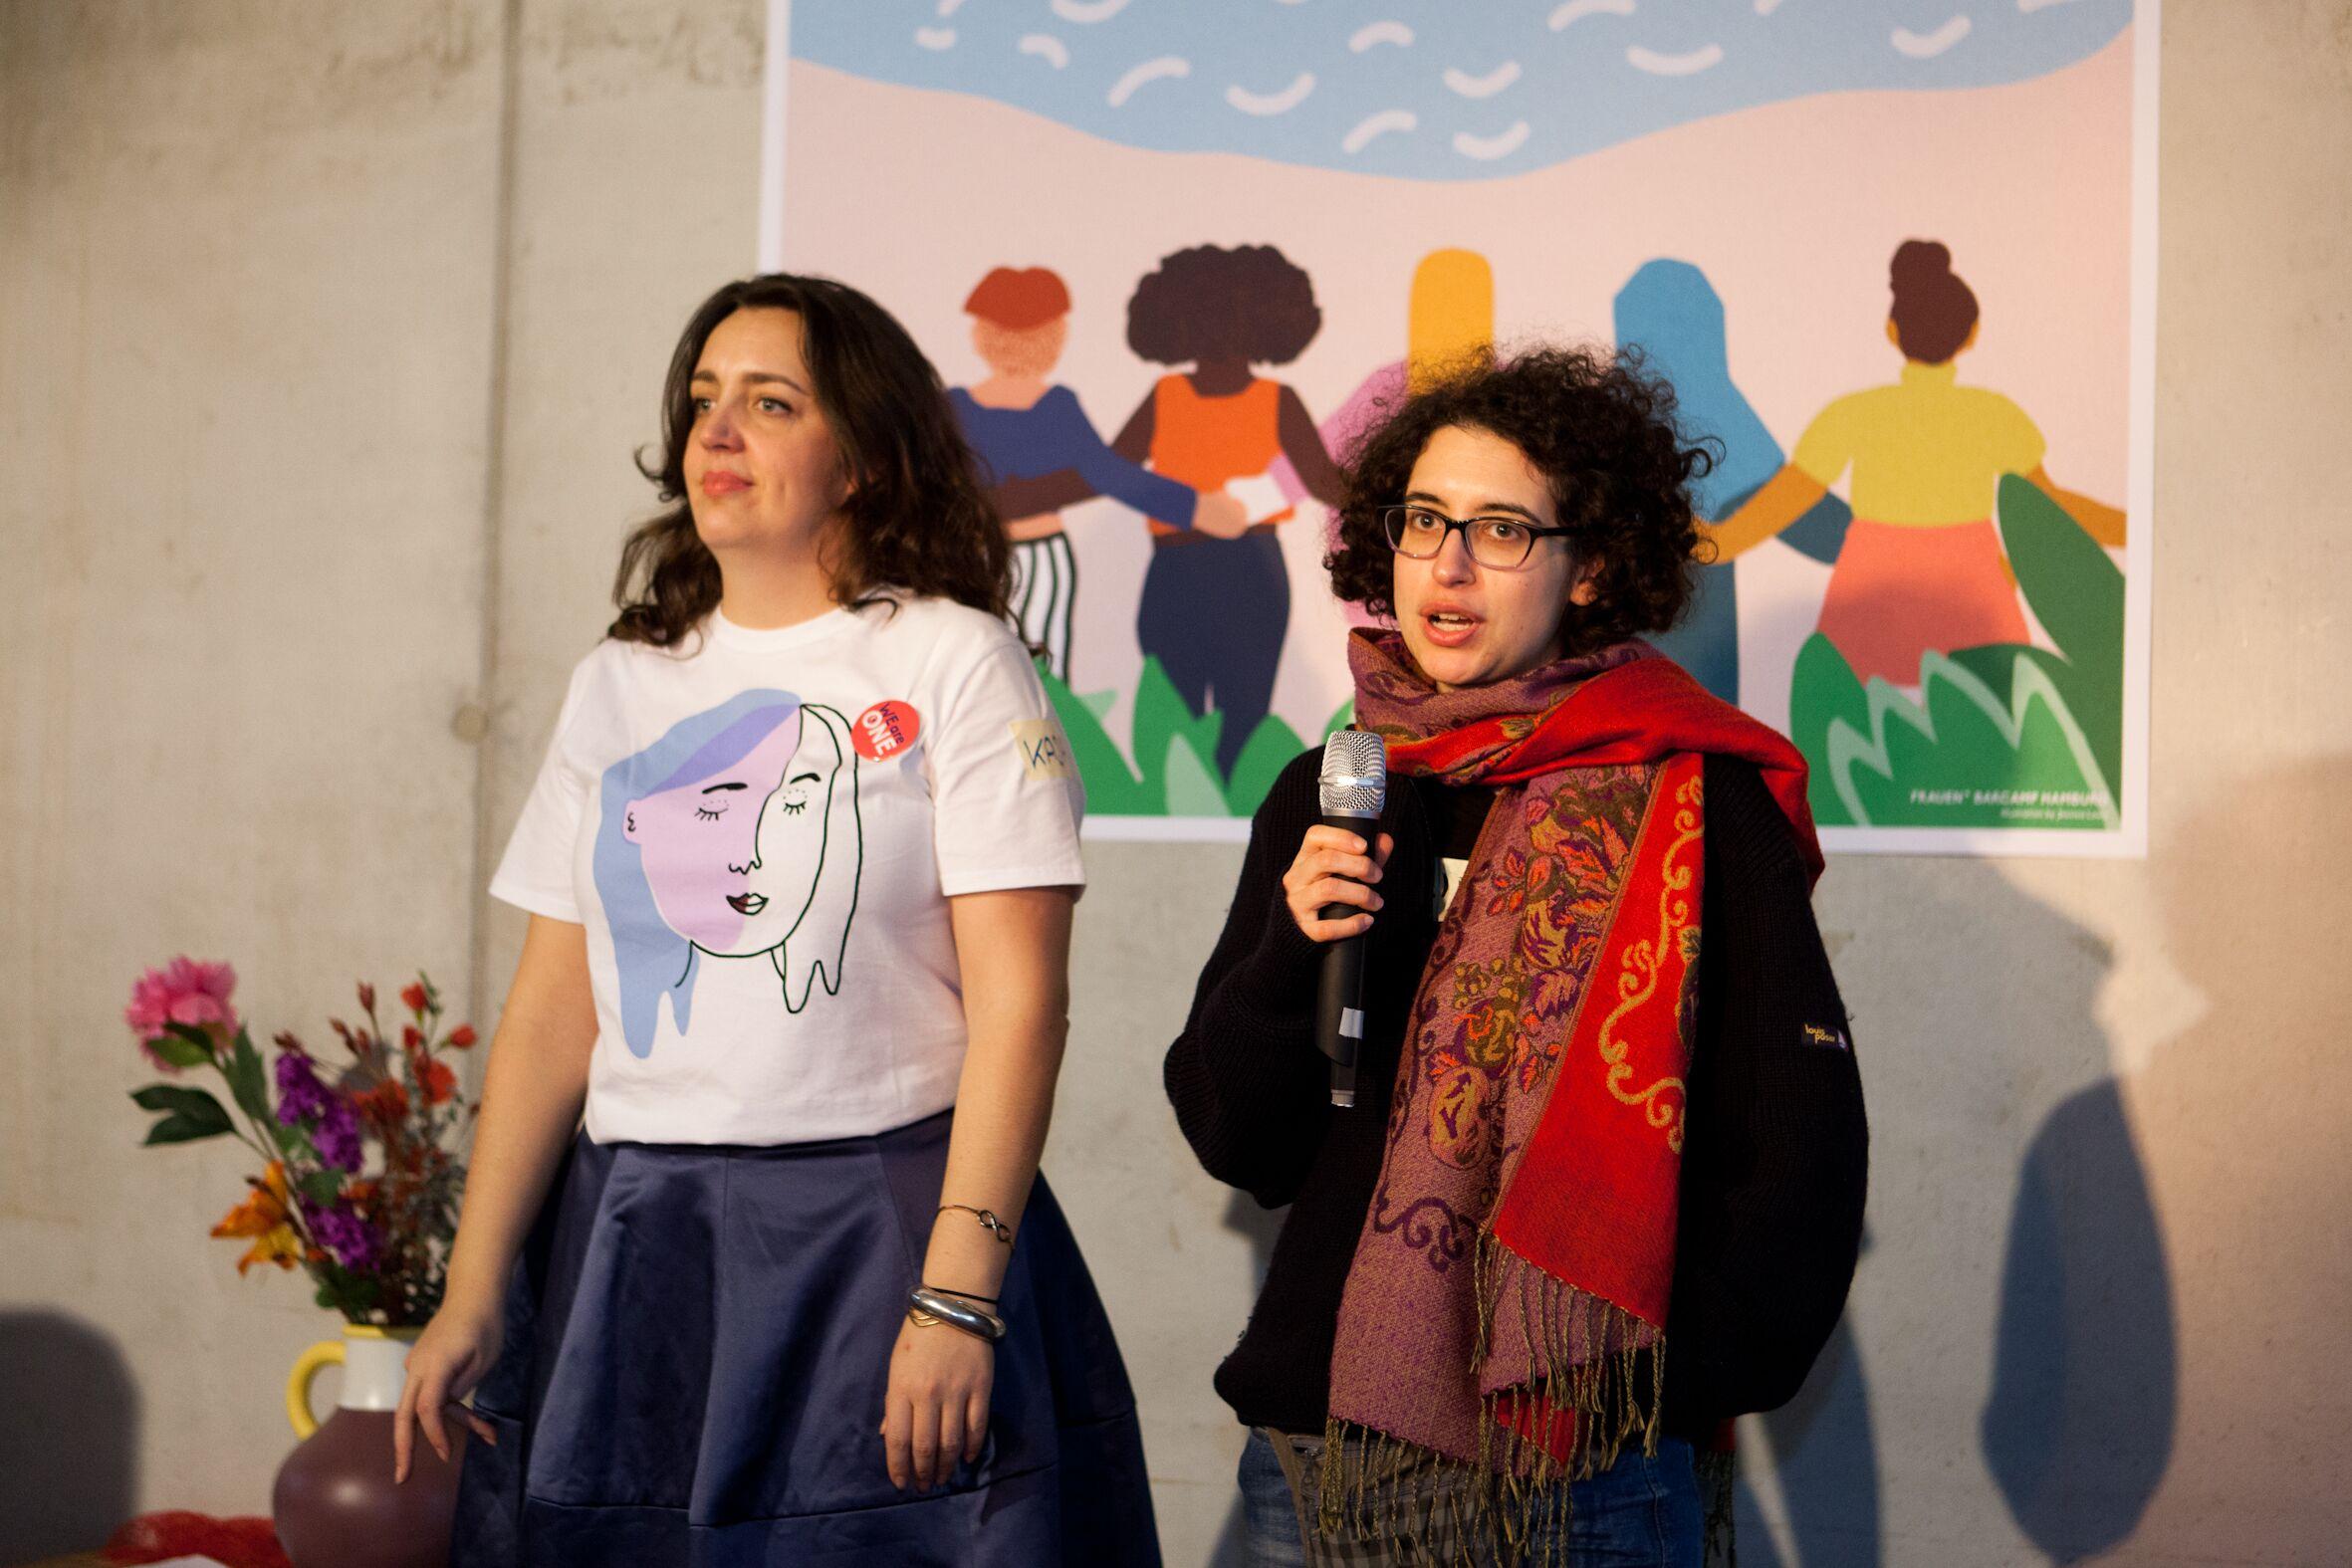 Female Empowerment im Frauen Barcamp am 23. März im Betahaus in Hamburg!